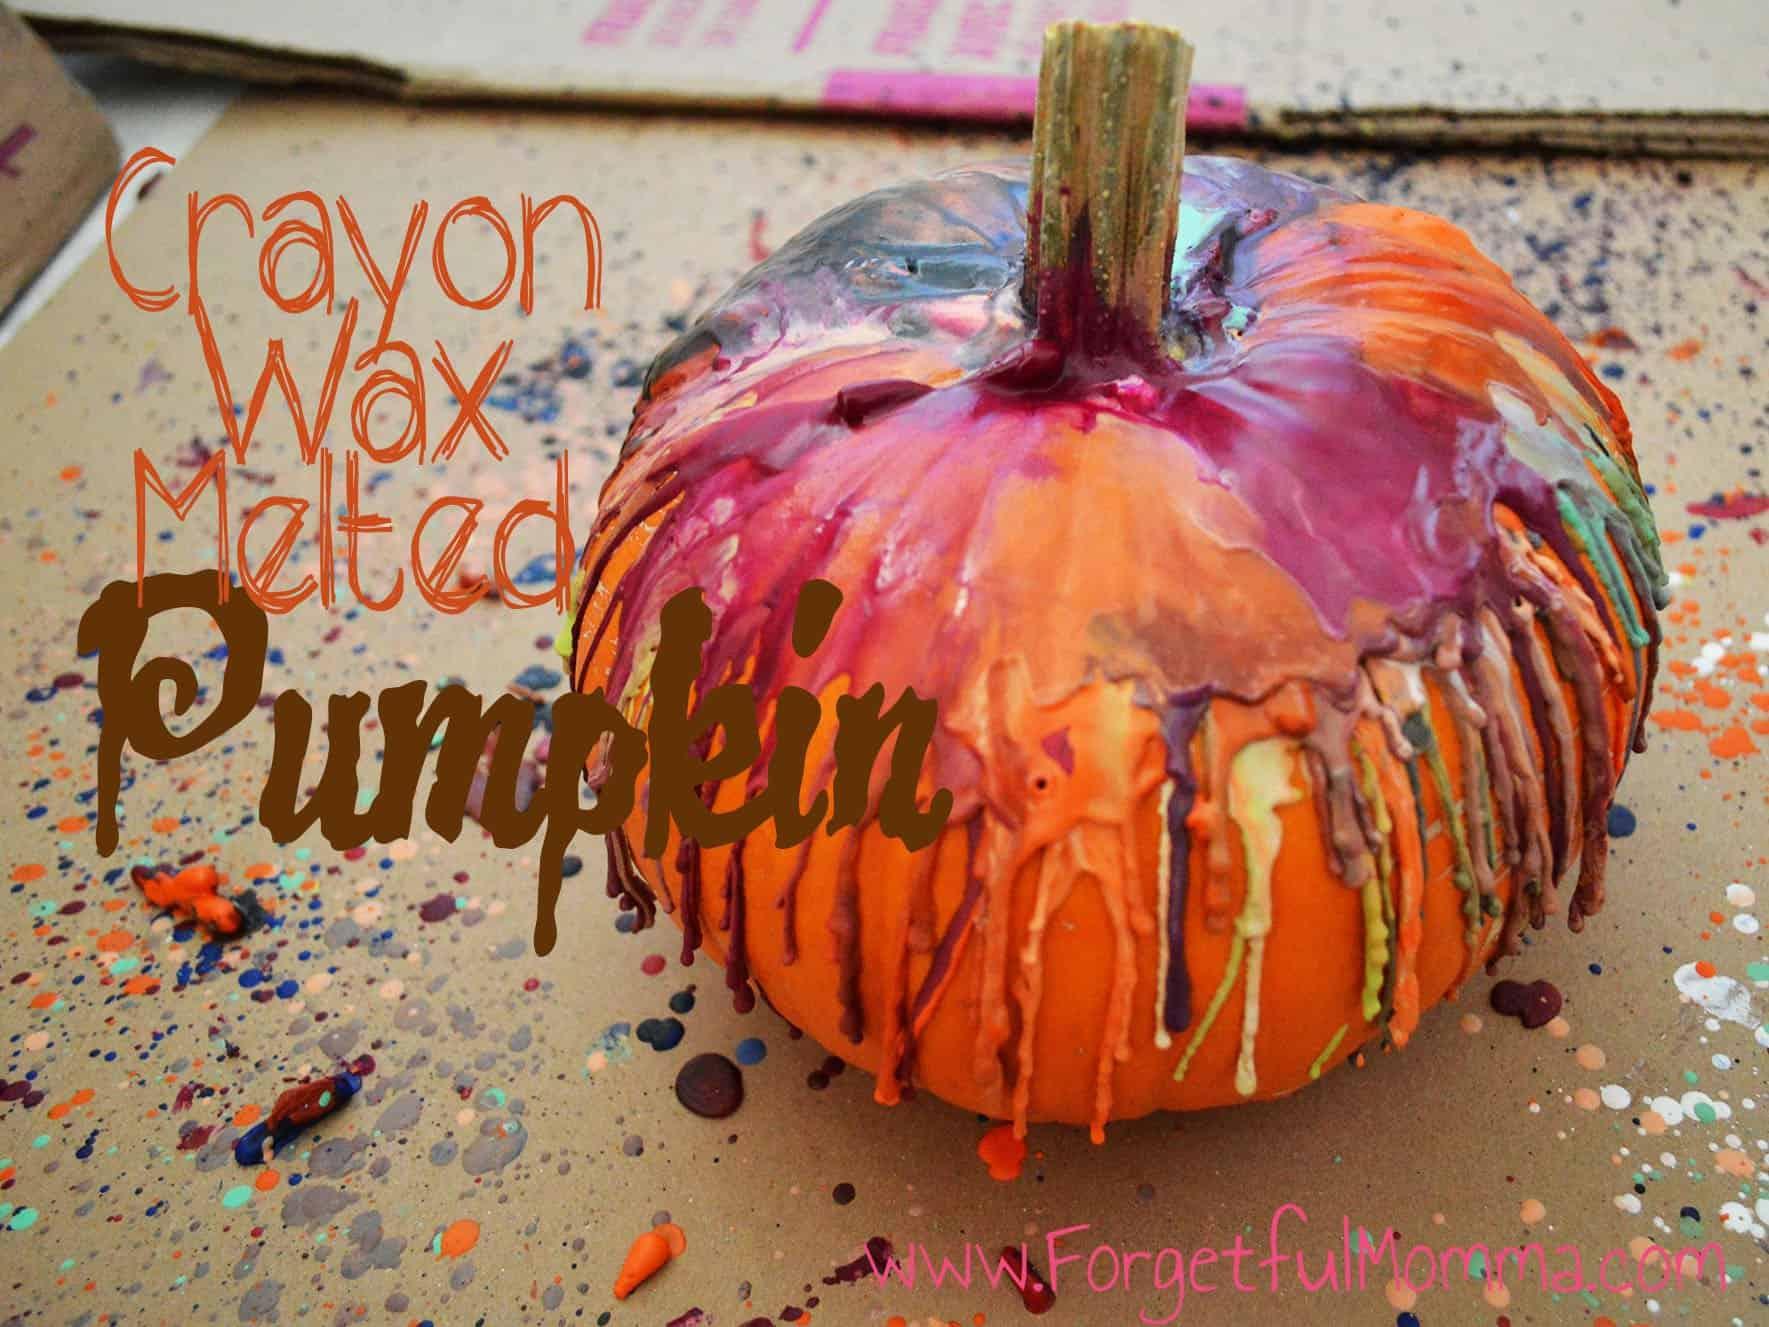 Crayon Wax Melted Pumpkin